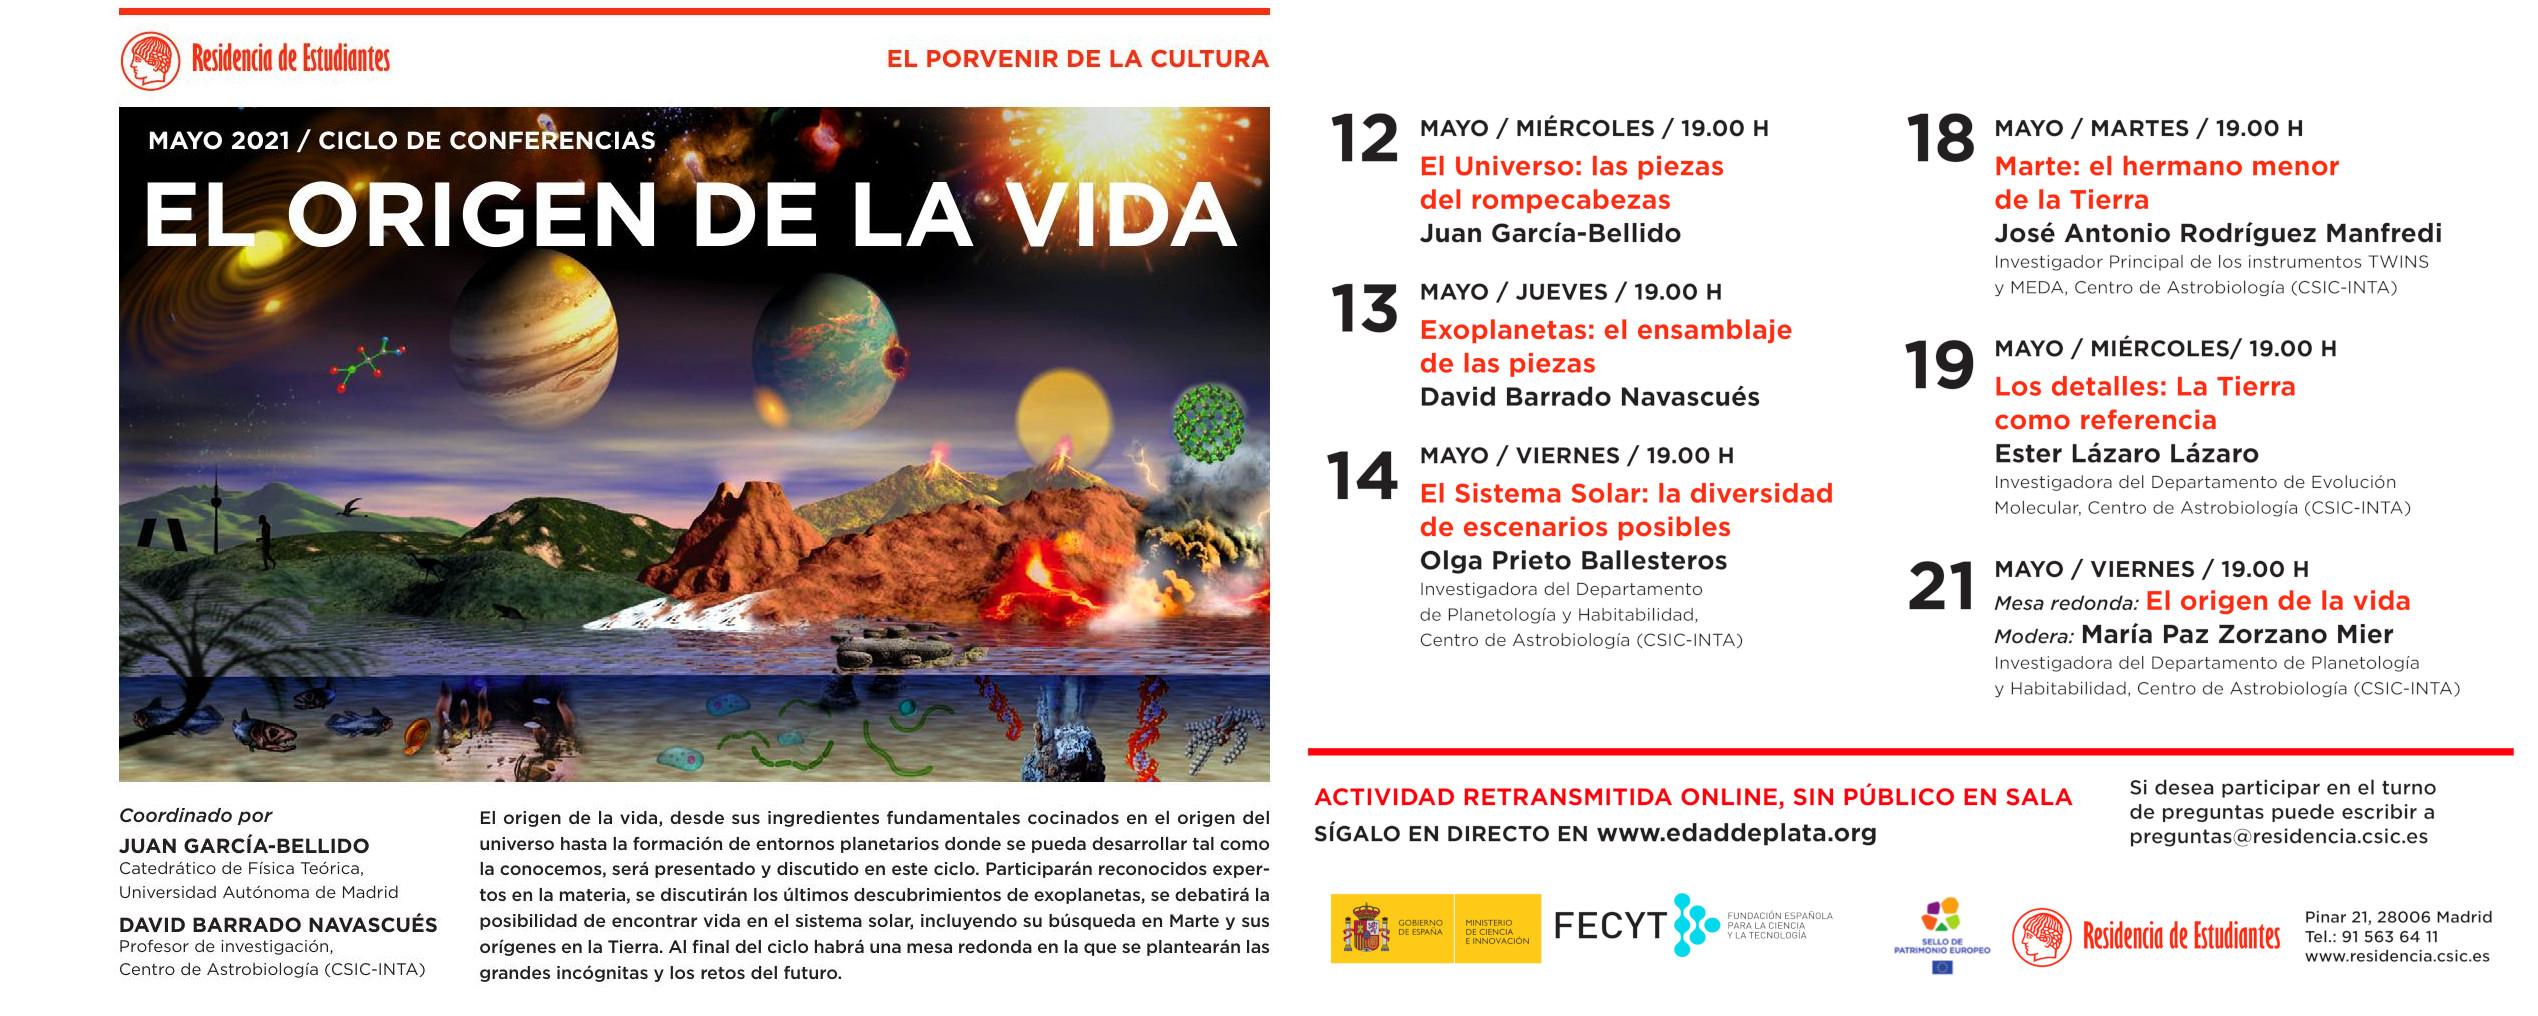 Difusión Ciclo de Conferencias El Origen de la Vida_Residencia de Estudiantes 26 marzo 21